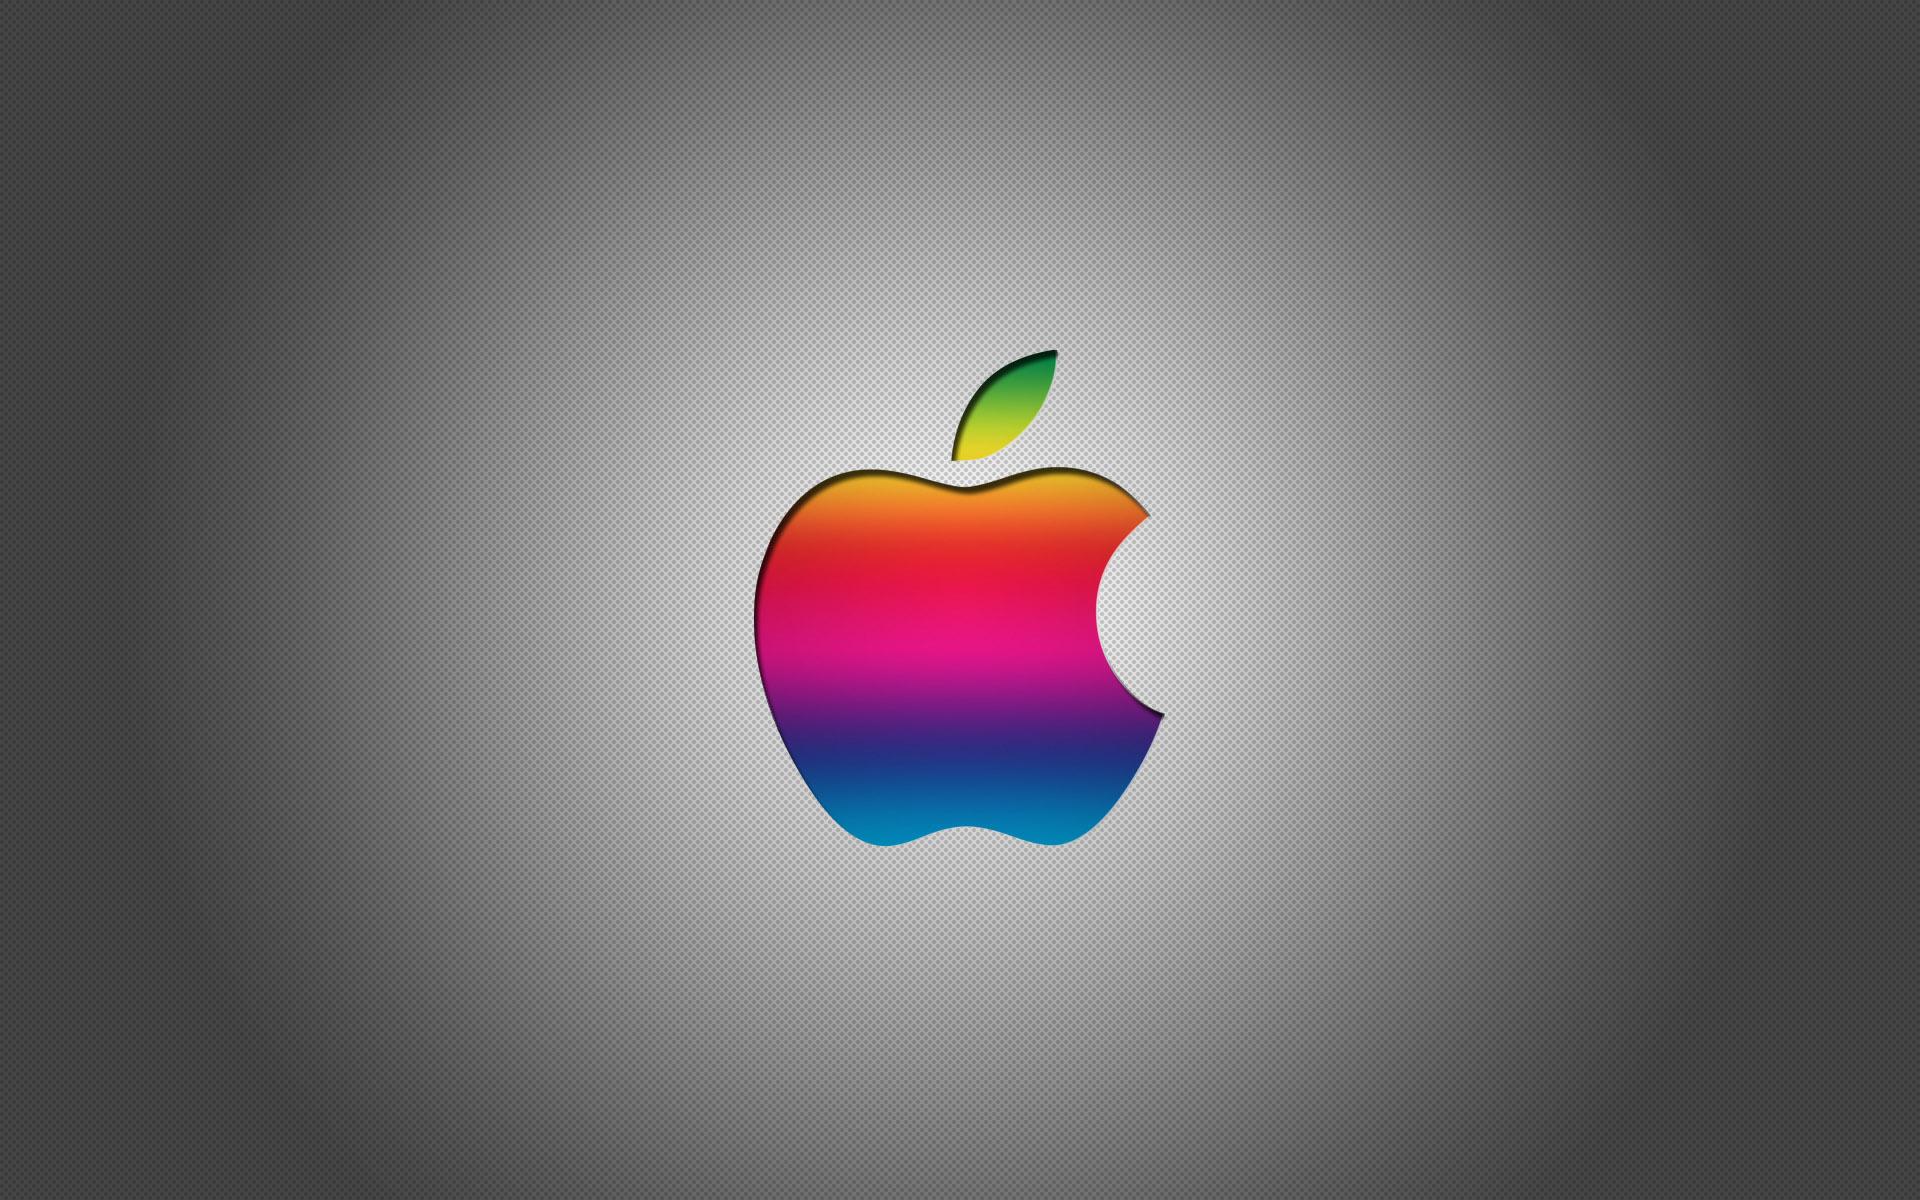 壁紙 Apple のロゴマークが入った壁紙 19x10 壁紙 Appleの壁紙 1150 アップル ロゴ Naver まとめ